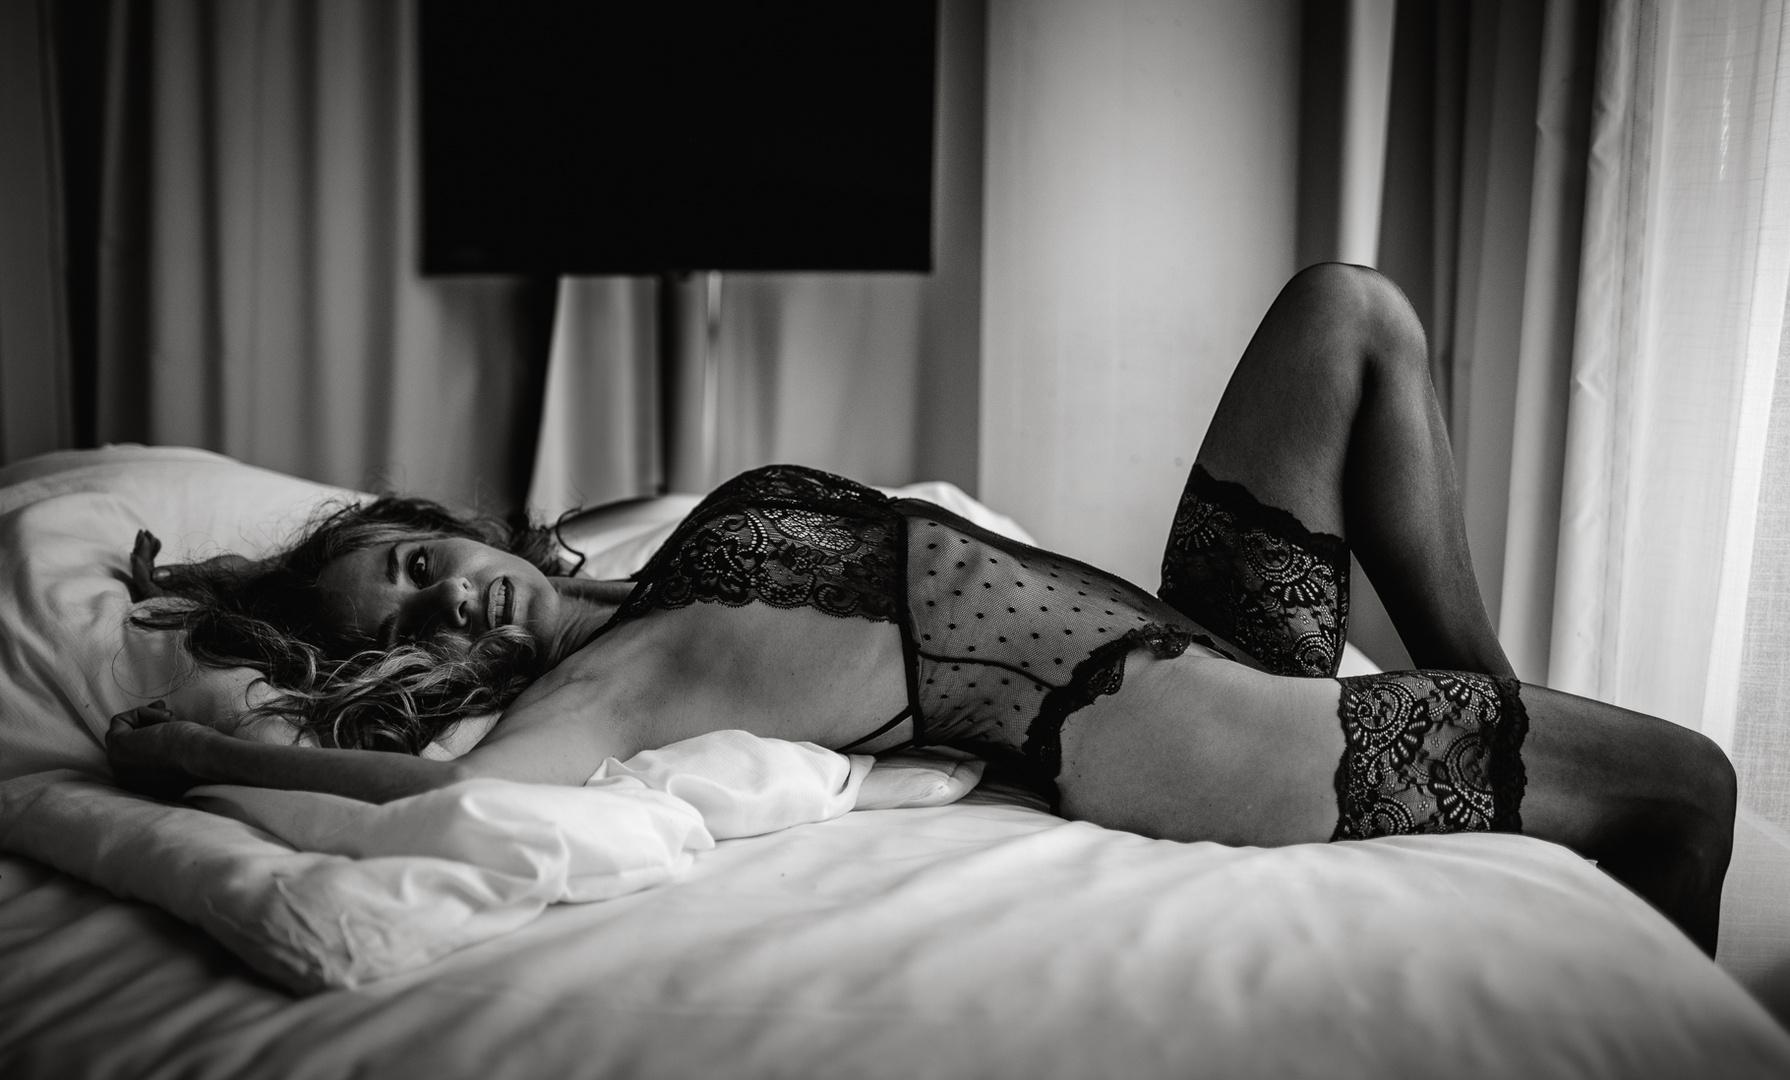 ...sweet dreams